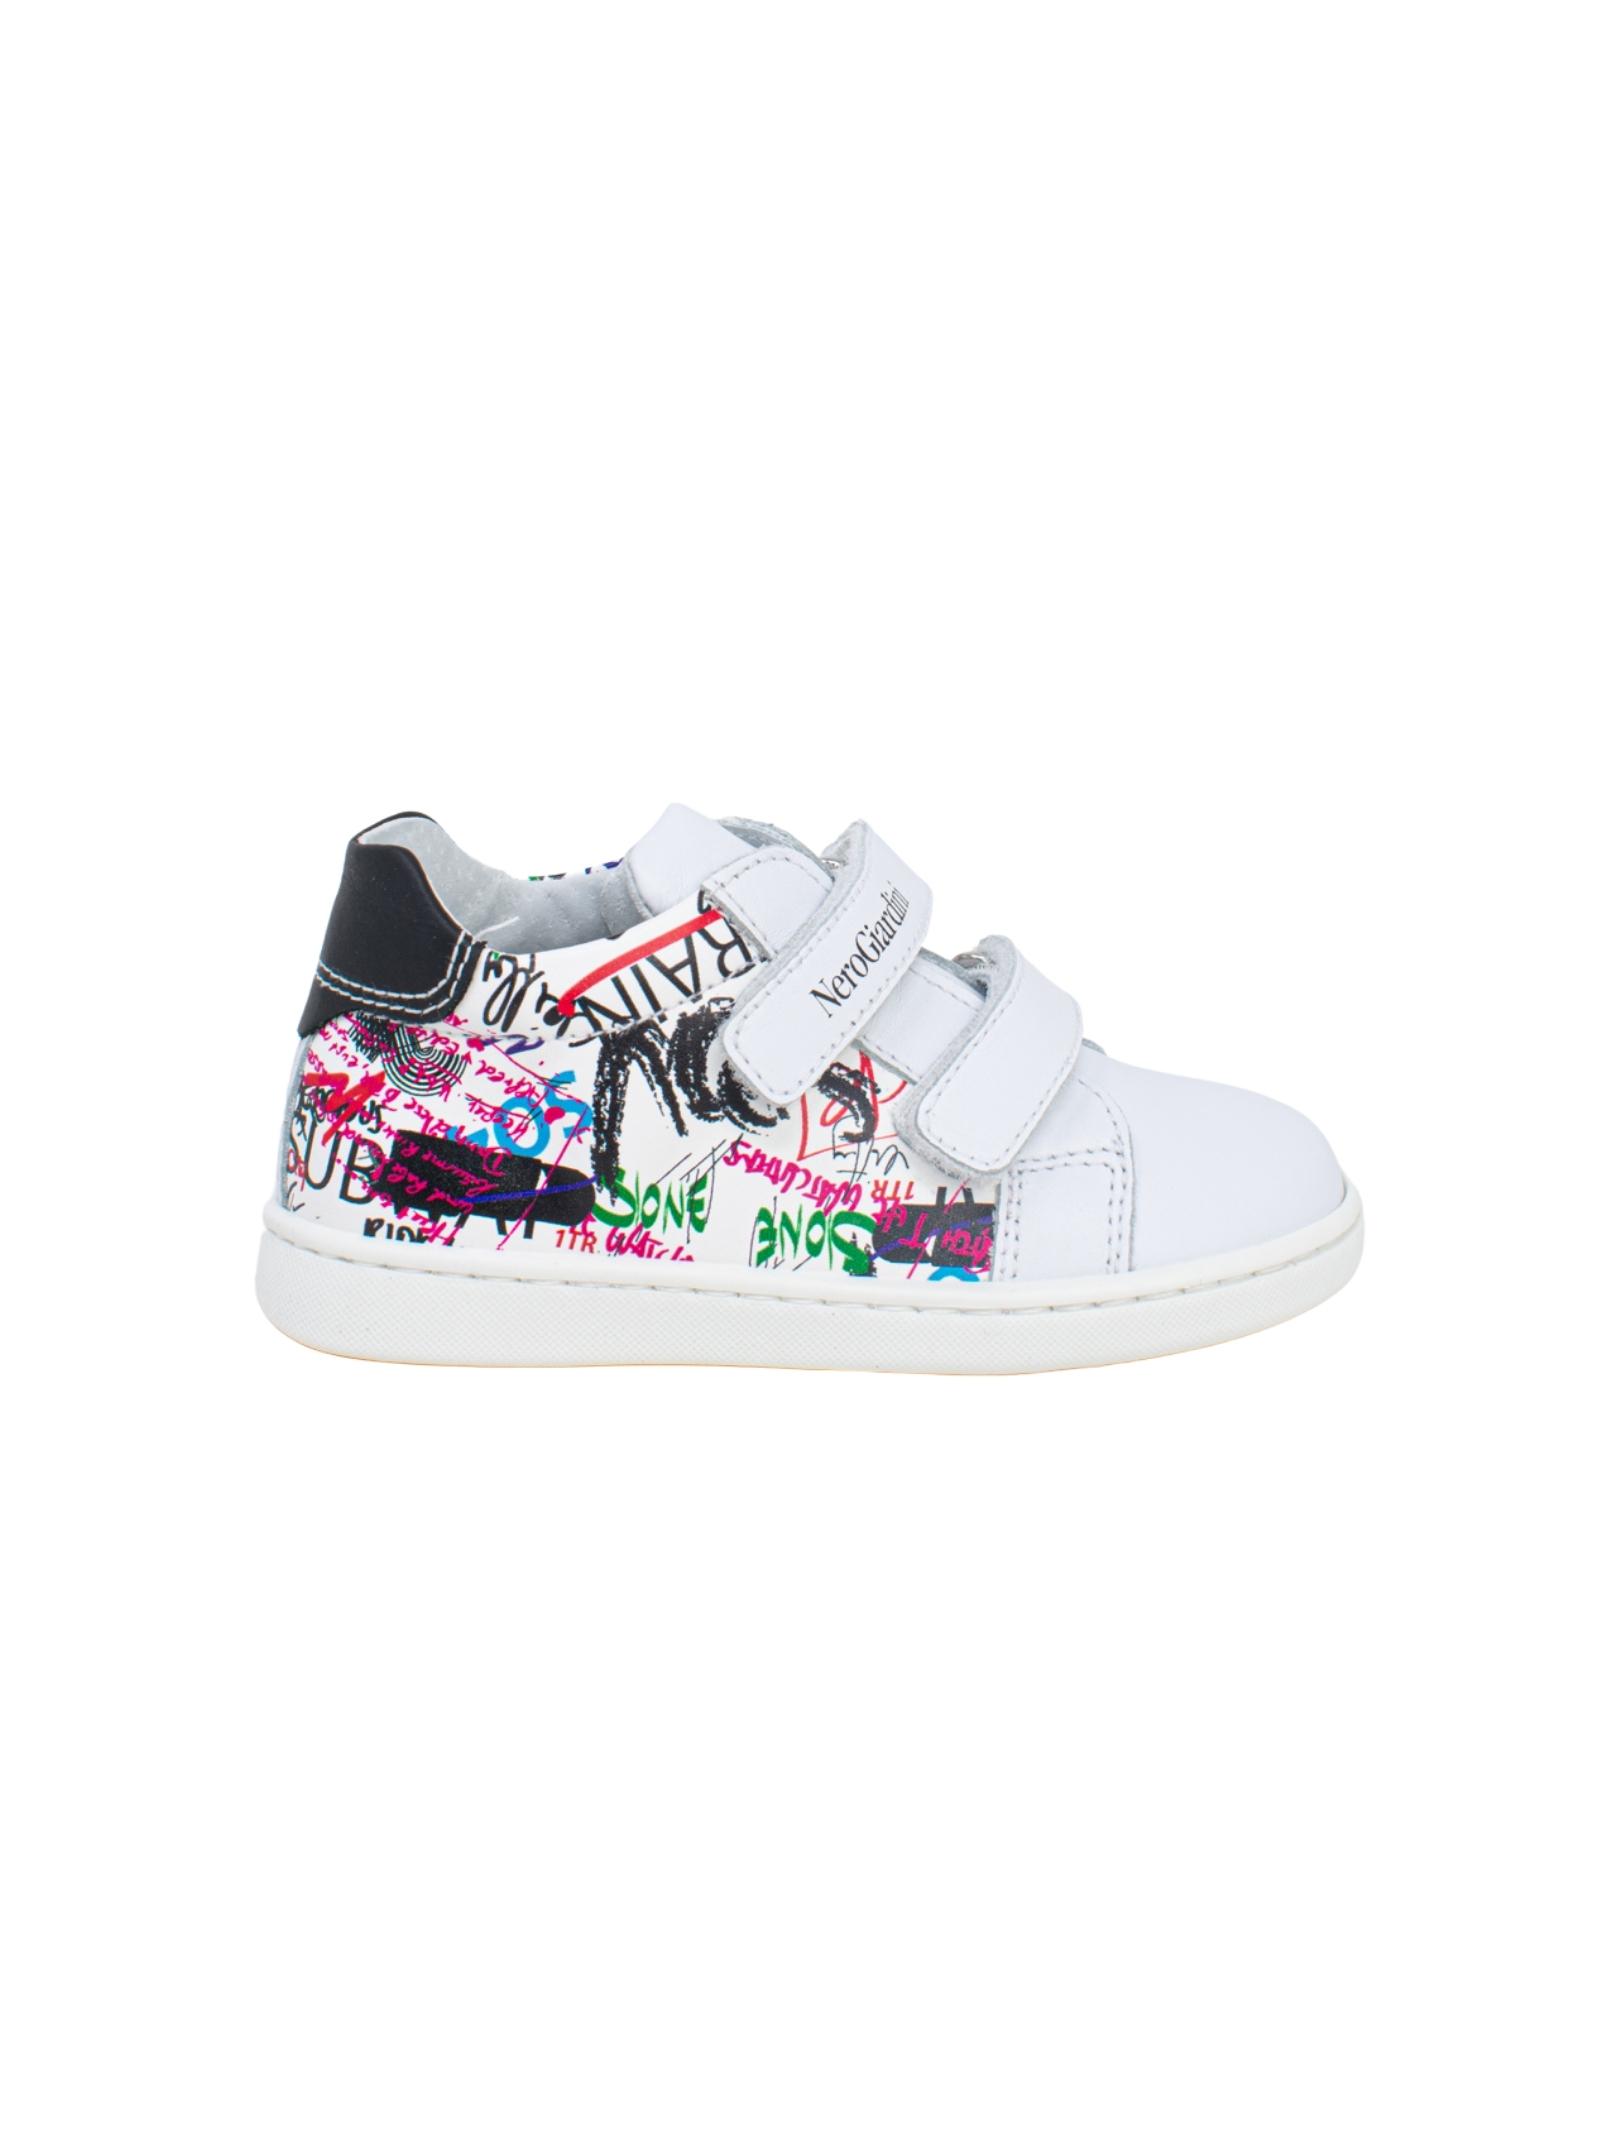 Sneakers Bambino Graffiti NERO GIARDINI JUNIOR | Sneakers | E119161M707